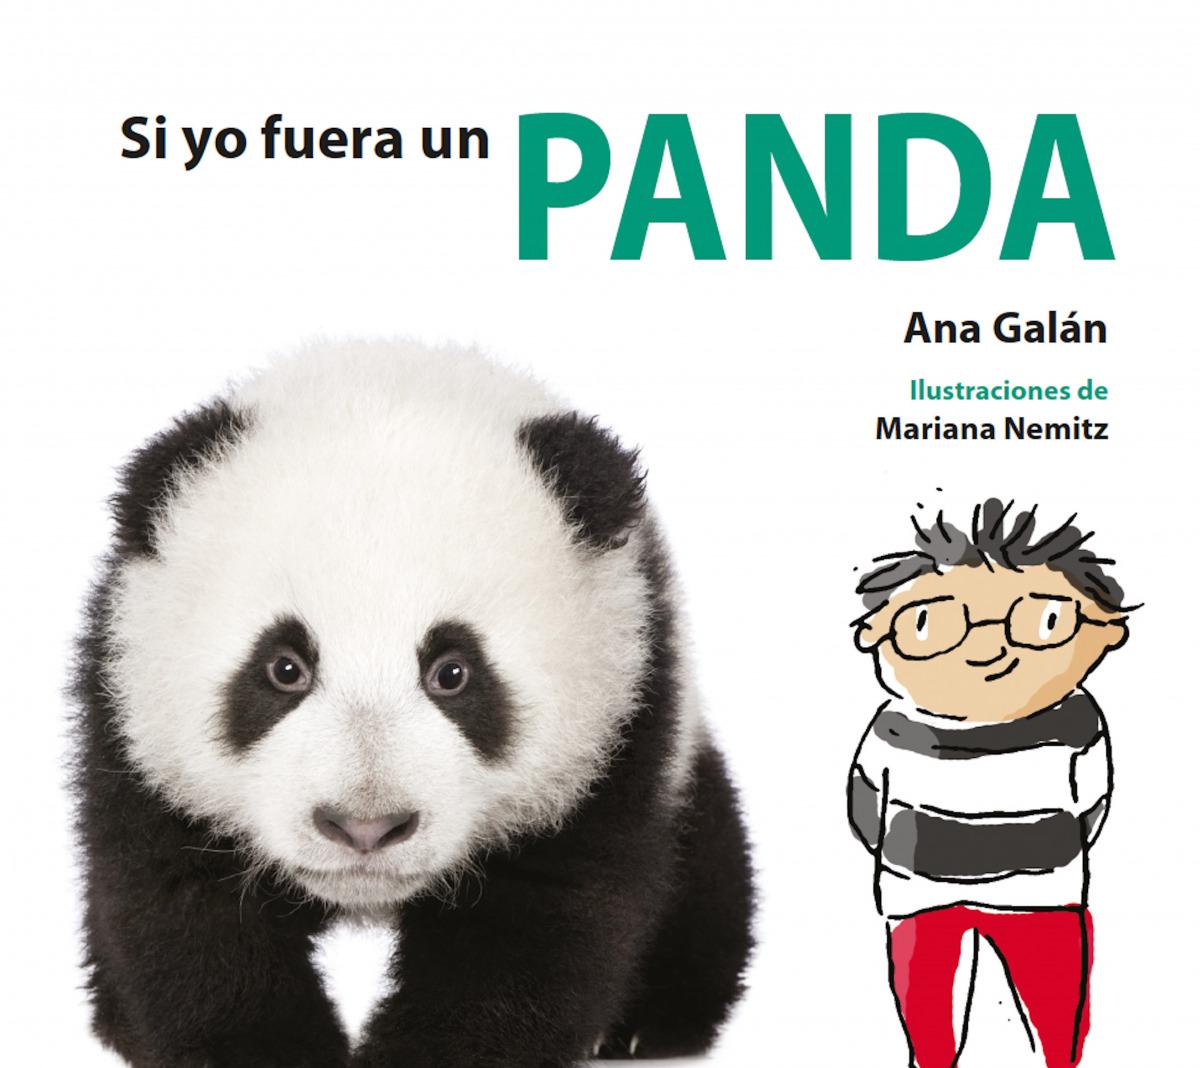 SI YO FUERA UN PANDA